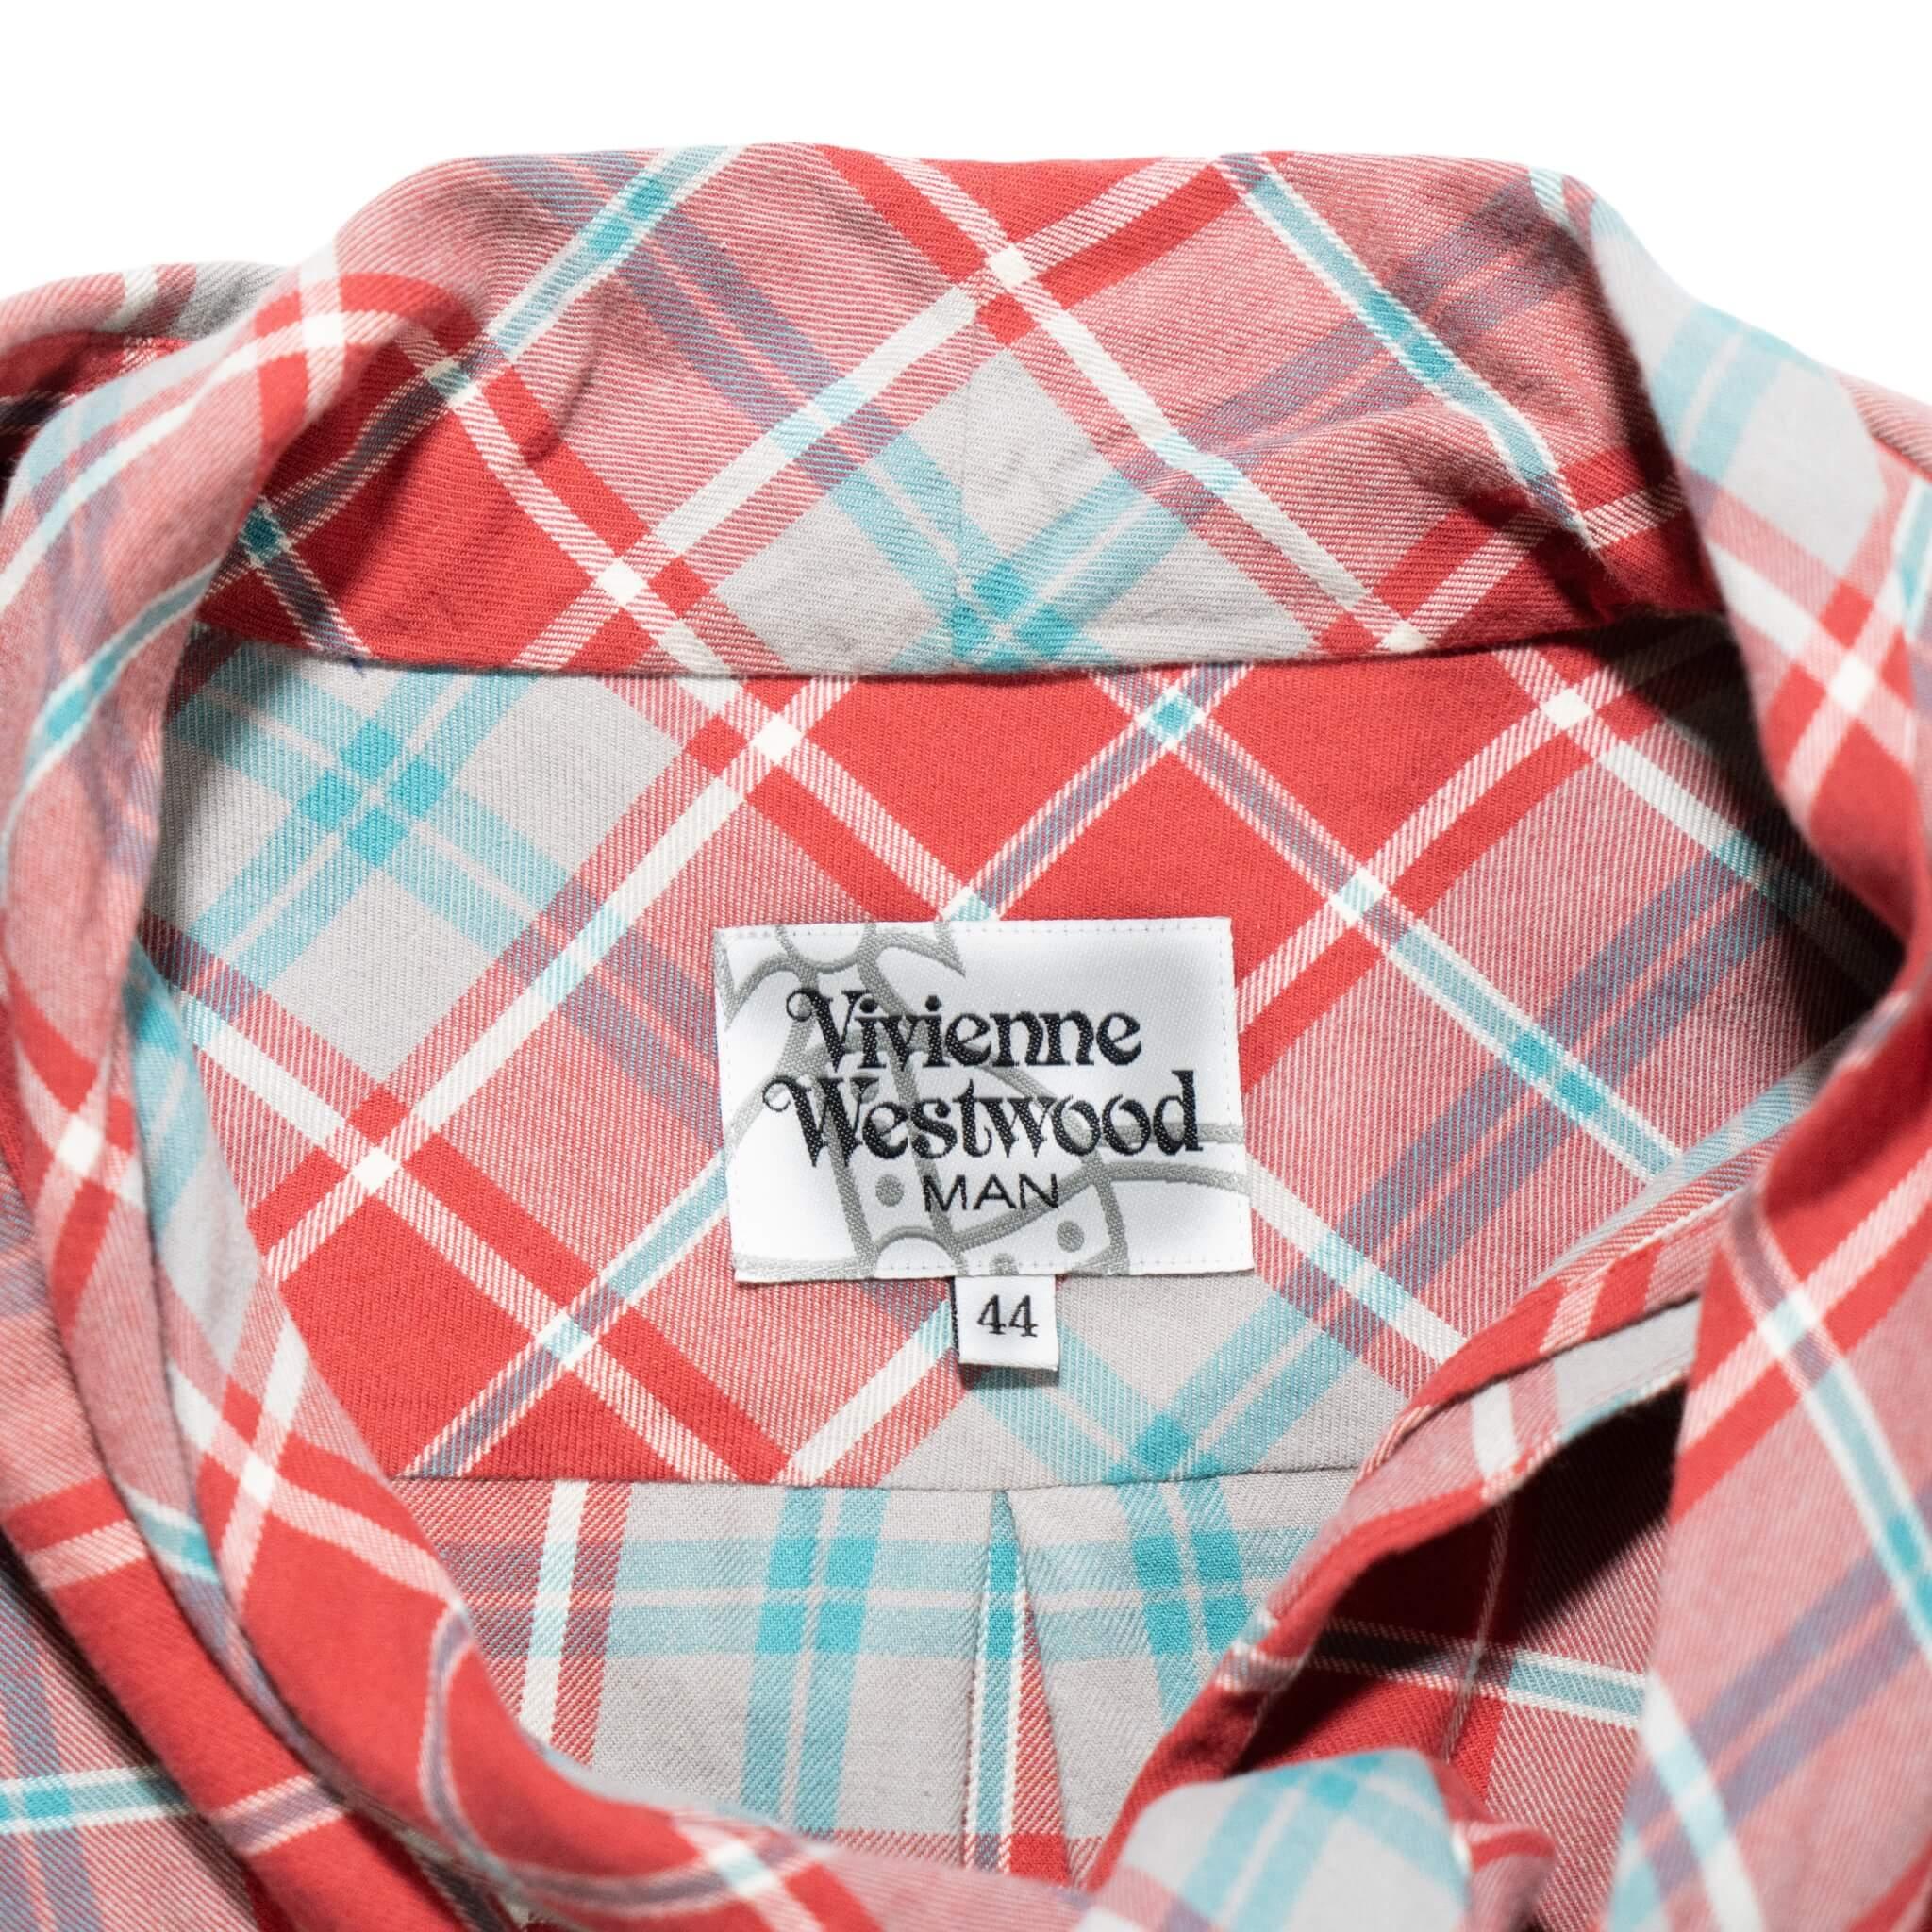 Vivenne Westwood Necktie Flannel